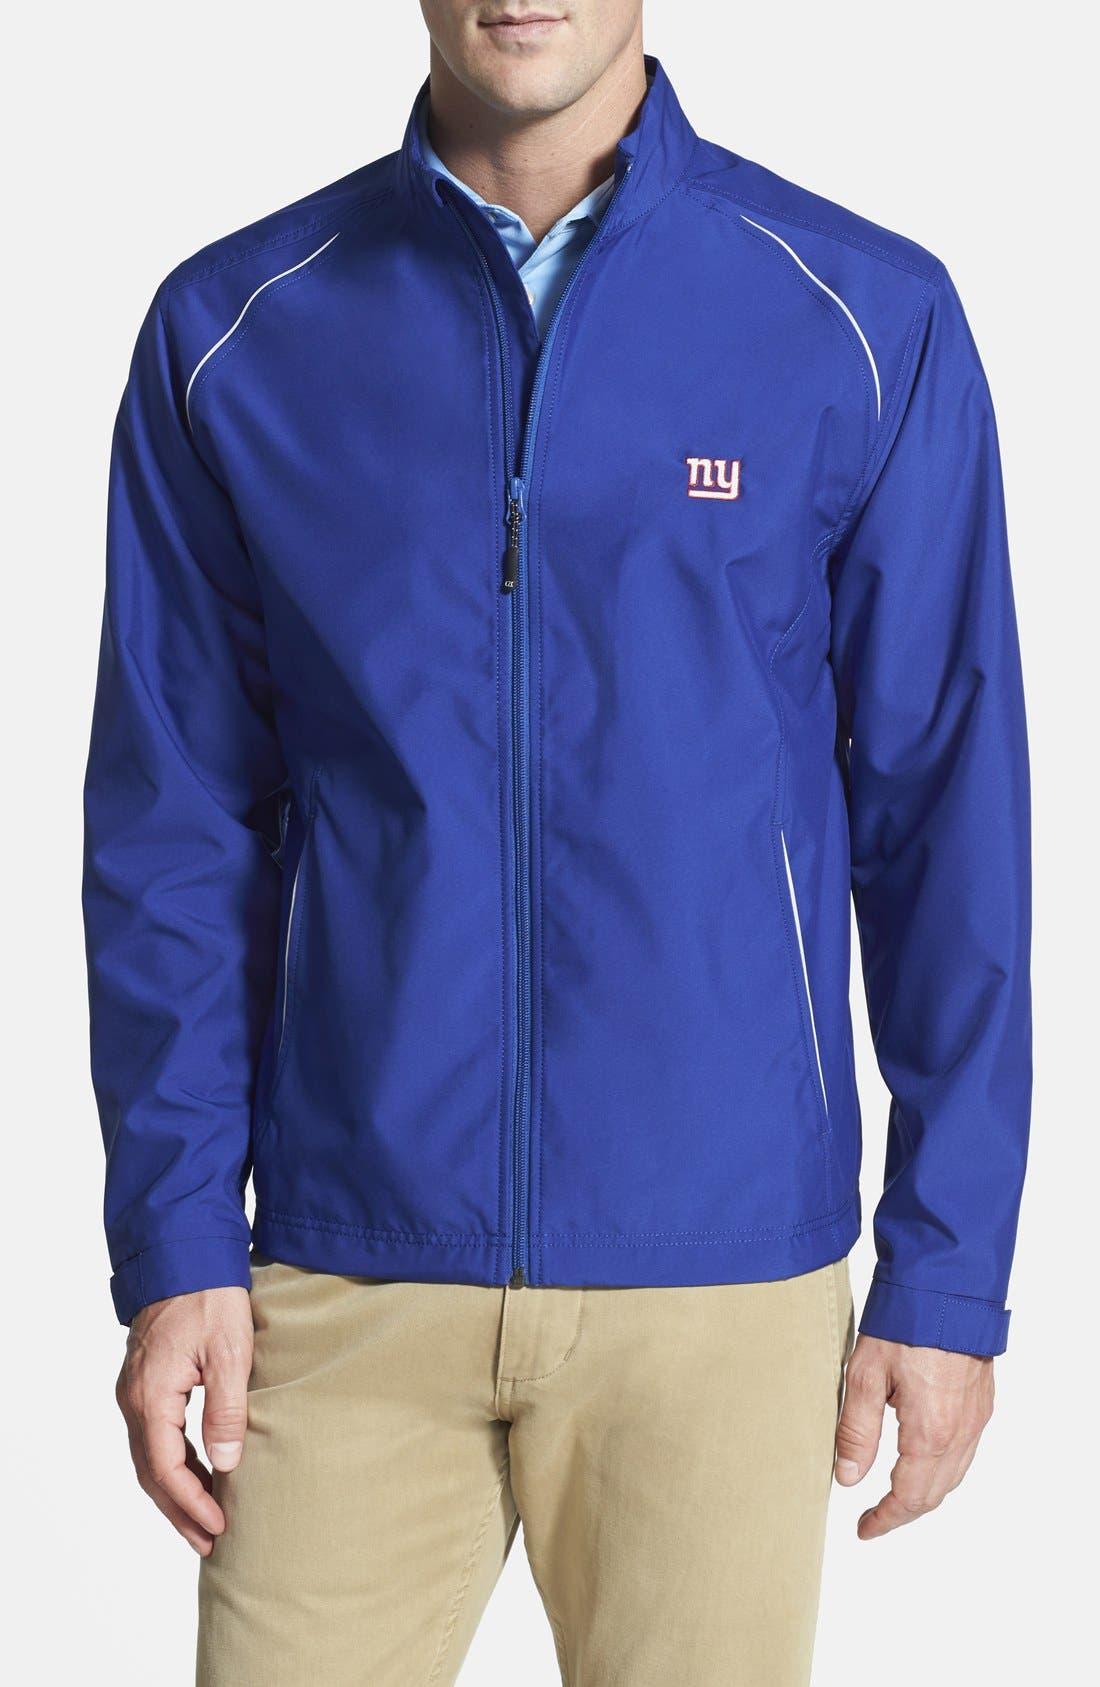 Cutter & Buck New York Giants - Beacon WeatherTec Wind & Water Resistant Jacket